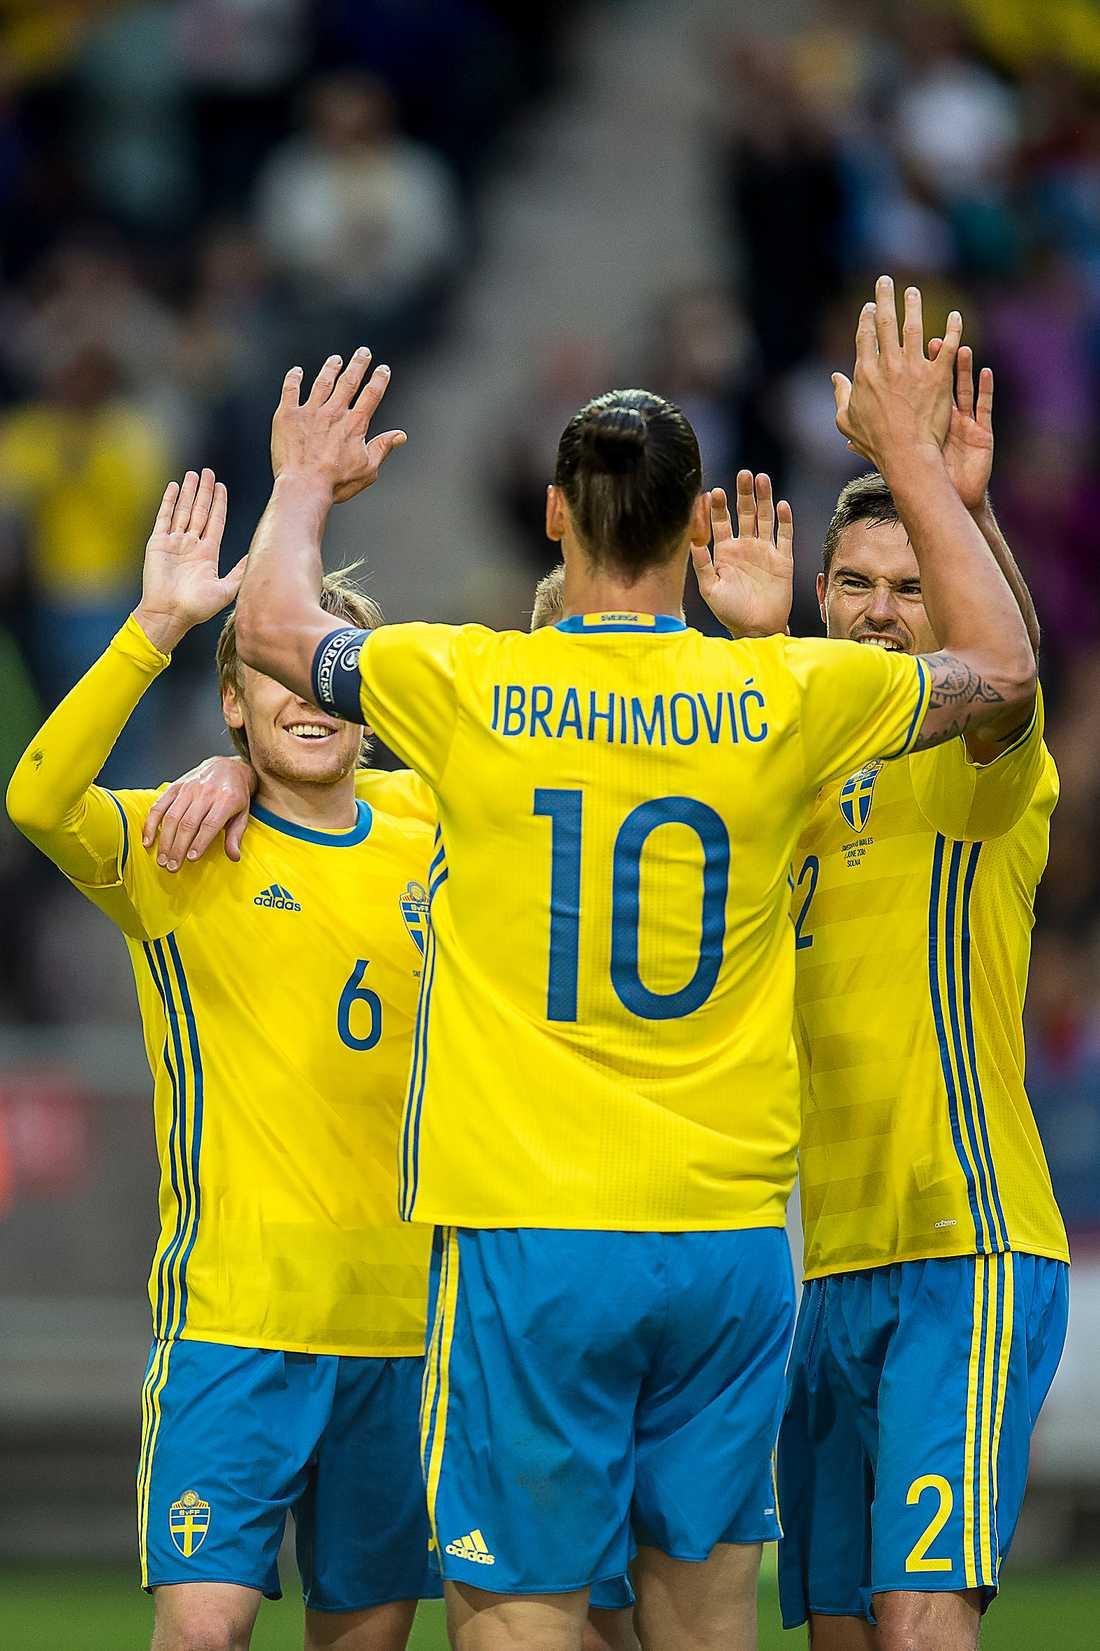 Idag börjar fotbollsfesten EM i Frankrike är en motkraft mot det växande främlingshatet, skriver Johanna Frändén. Det svenska anseendet bärs av en superstjärna med rötter i Jugoslavien och i flera länder har hälften av spelarna invandrarbakgrund.